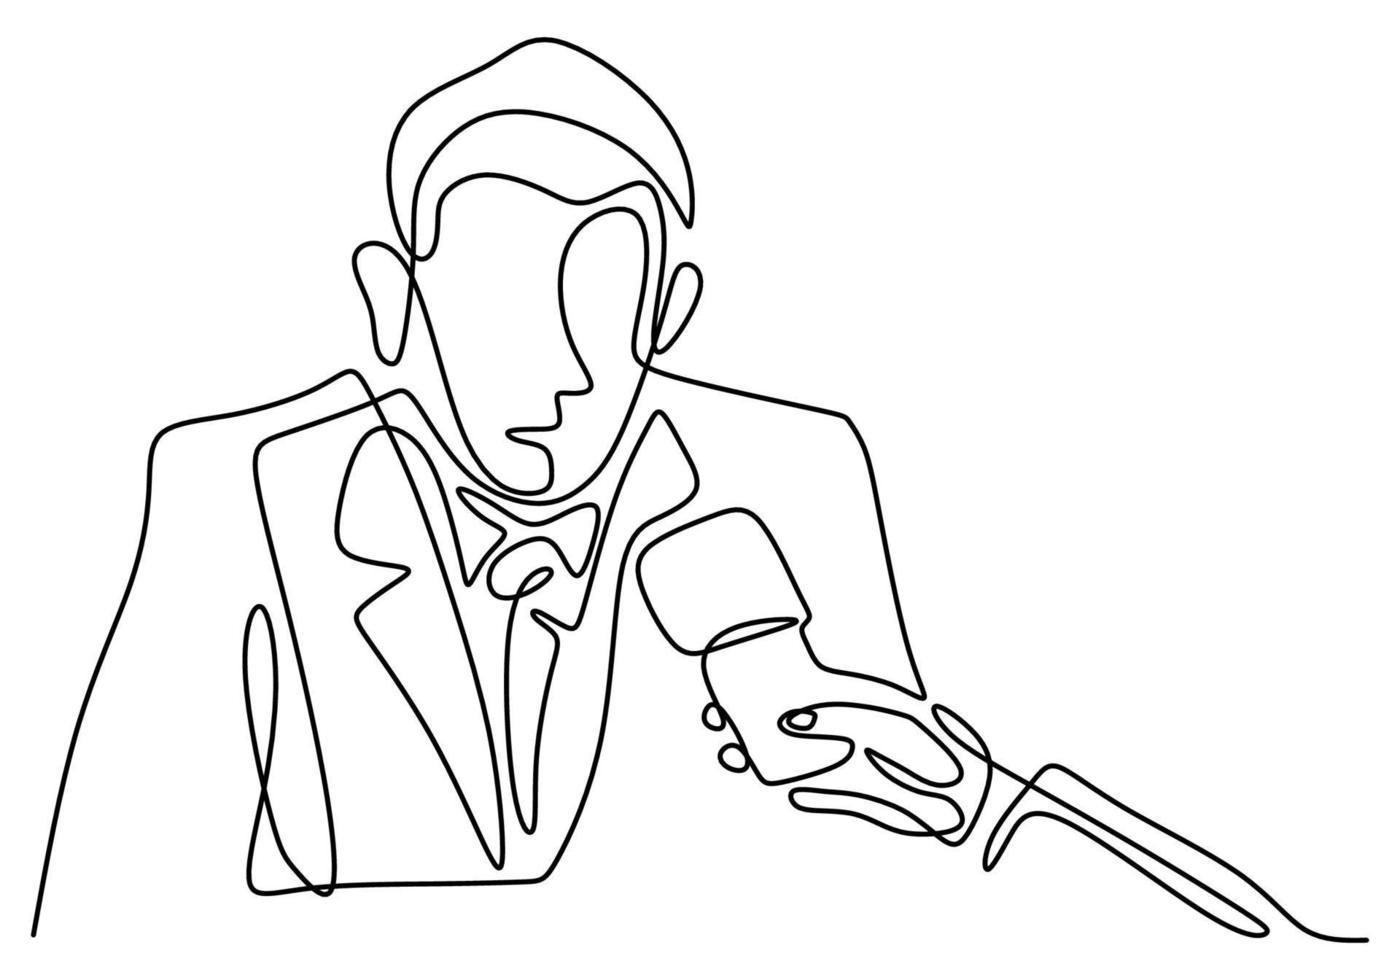 Un dessin au trait continu d'un homme d'affaires sont interviewés par un journaliste de télévision avec une main tenant un microphone à la main vecteur